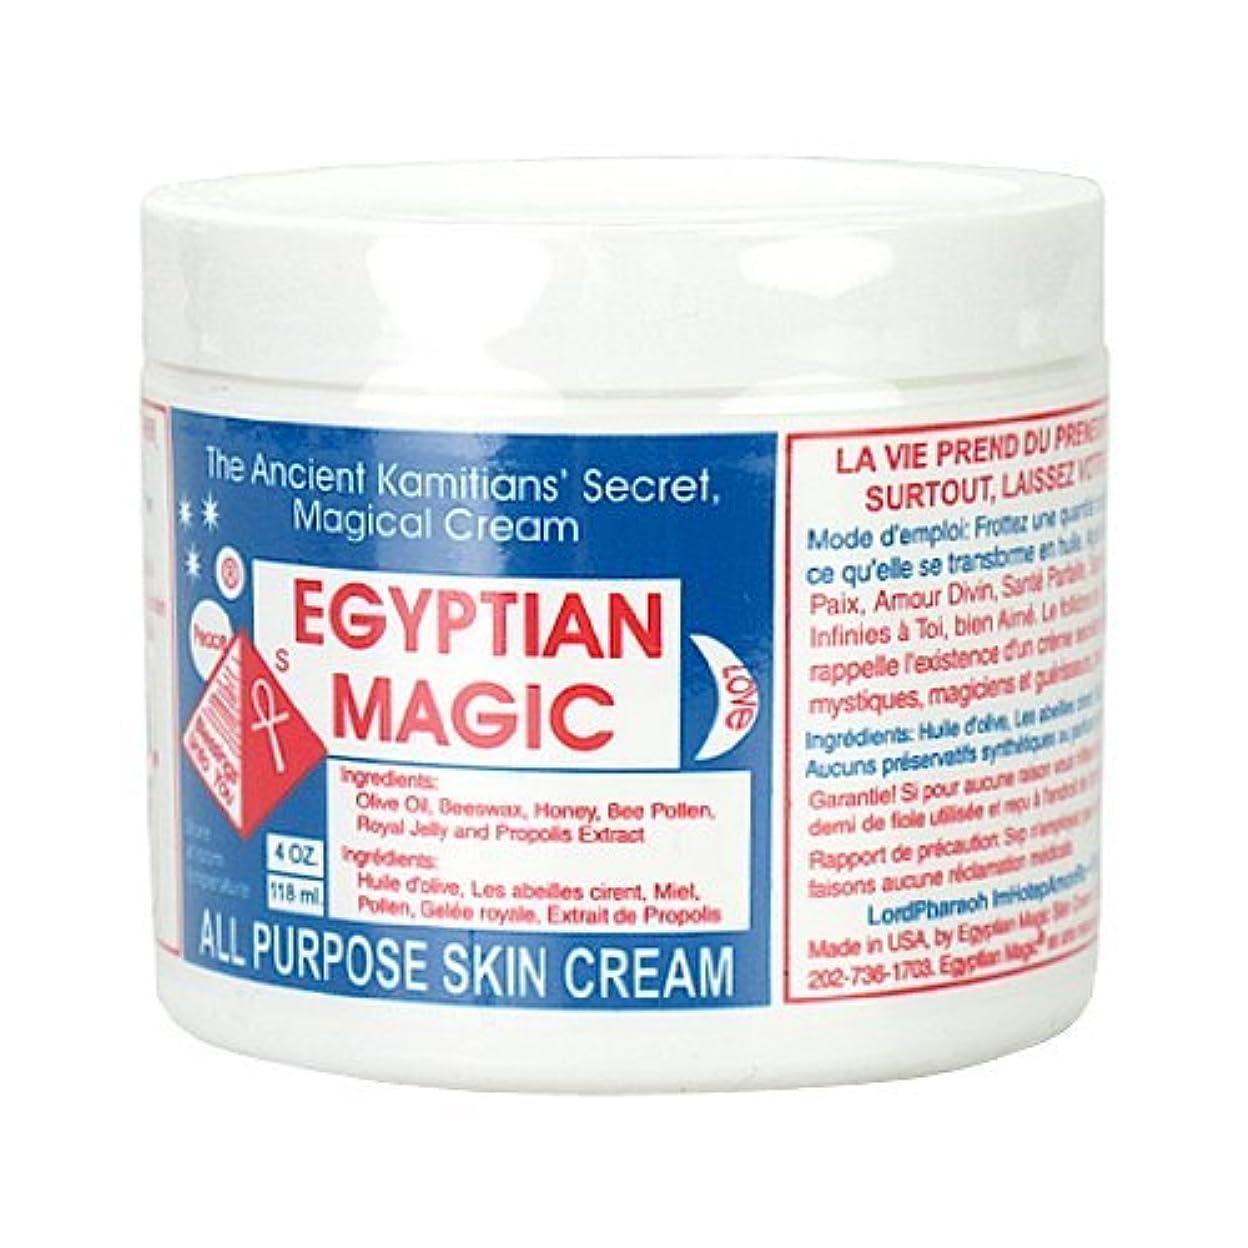 達成変装した保存エジプシャンマジック EGYPTIAN MAGIC エジプシャン マジック クリーム 118ml 保湿クリーム